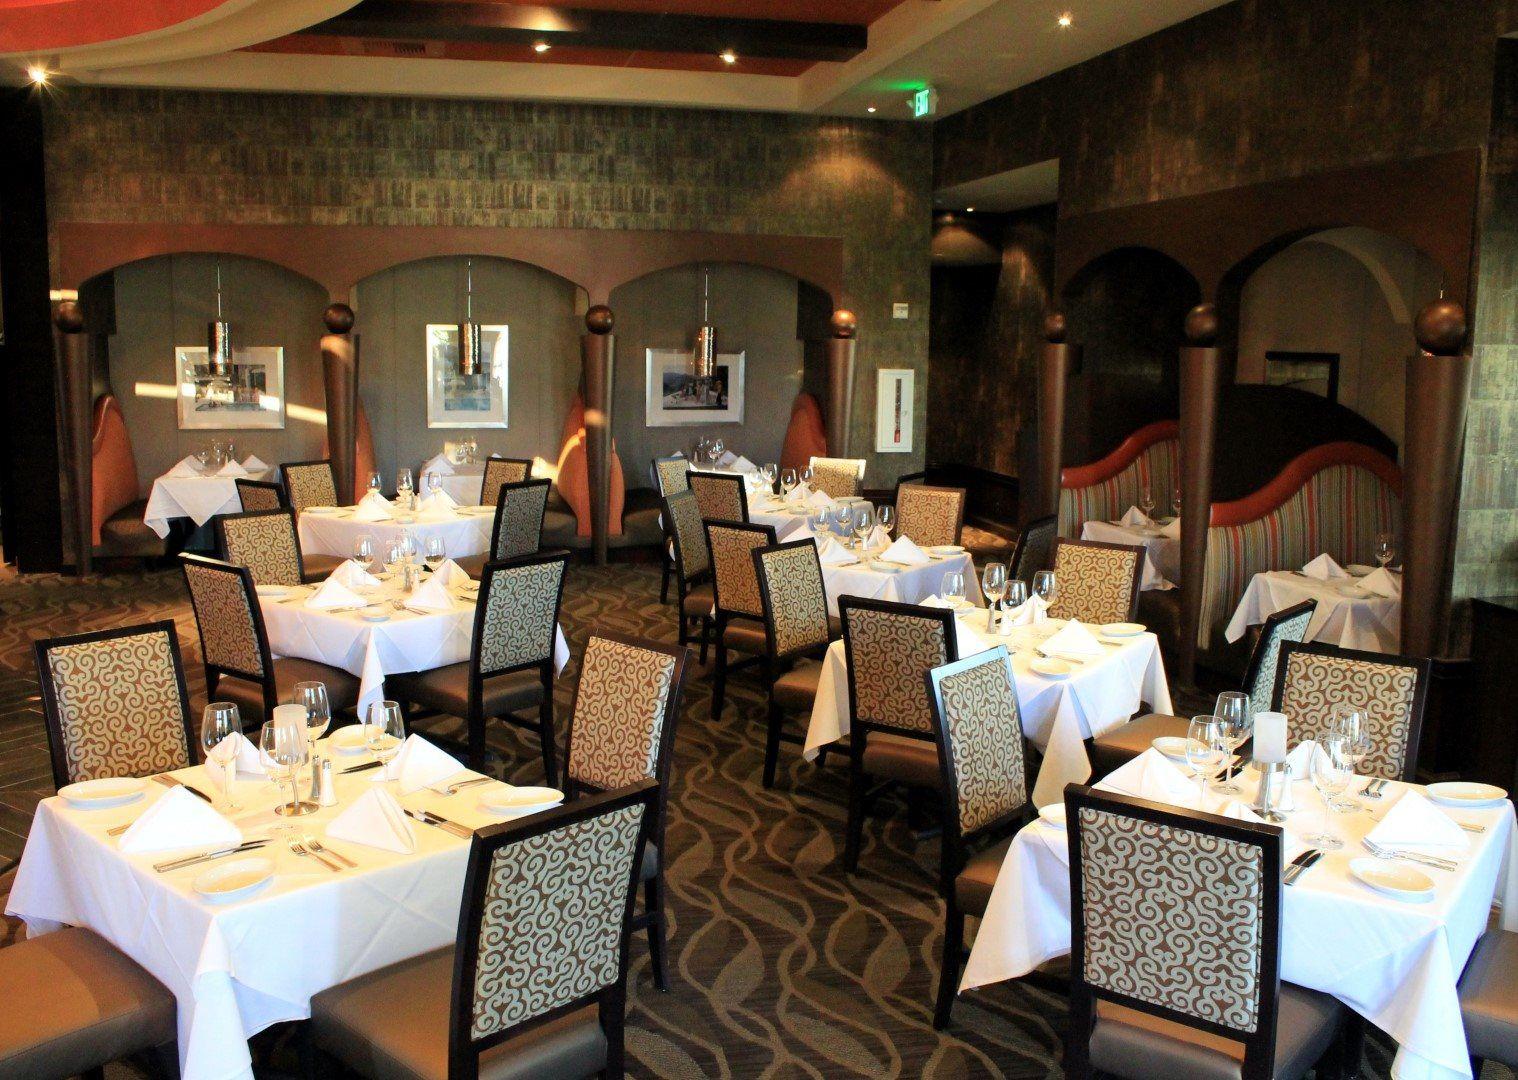 Ruth's Chris Steak House - Palm Desert